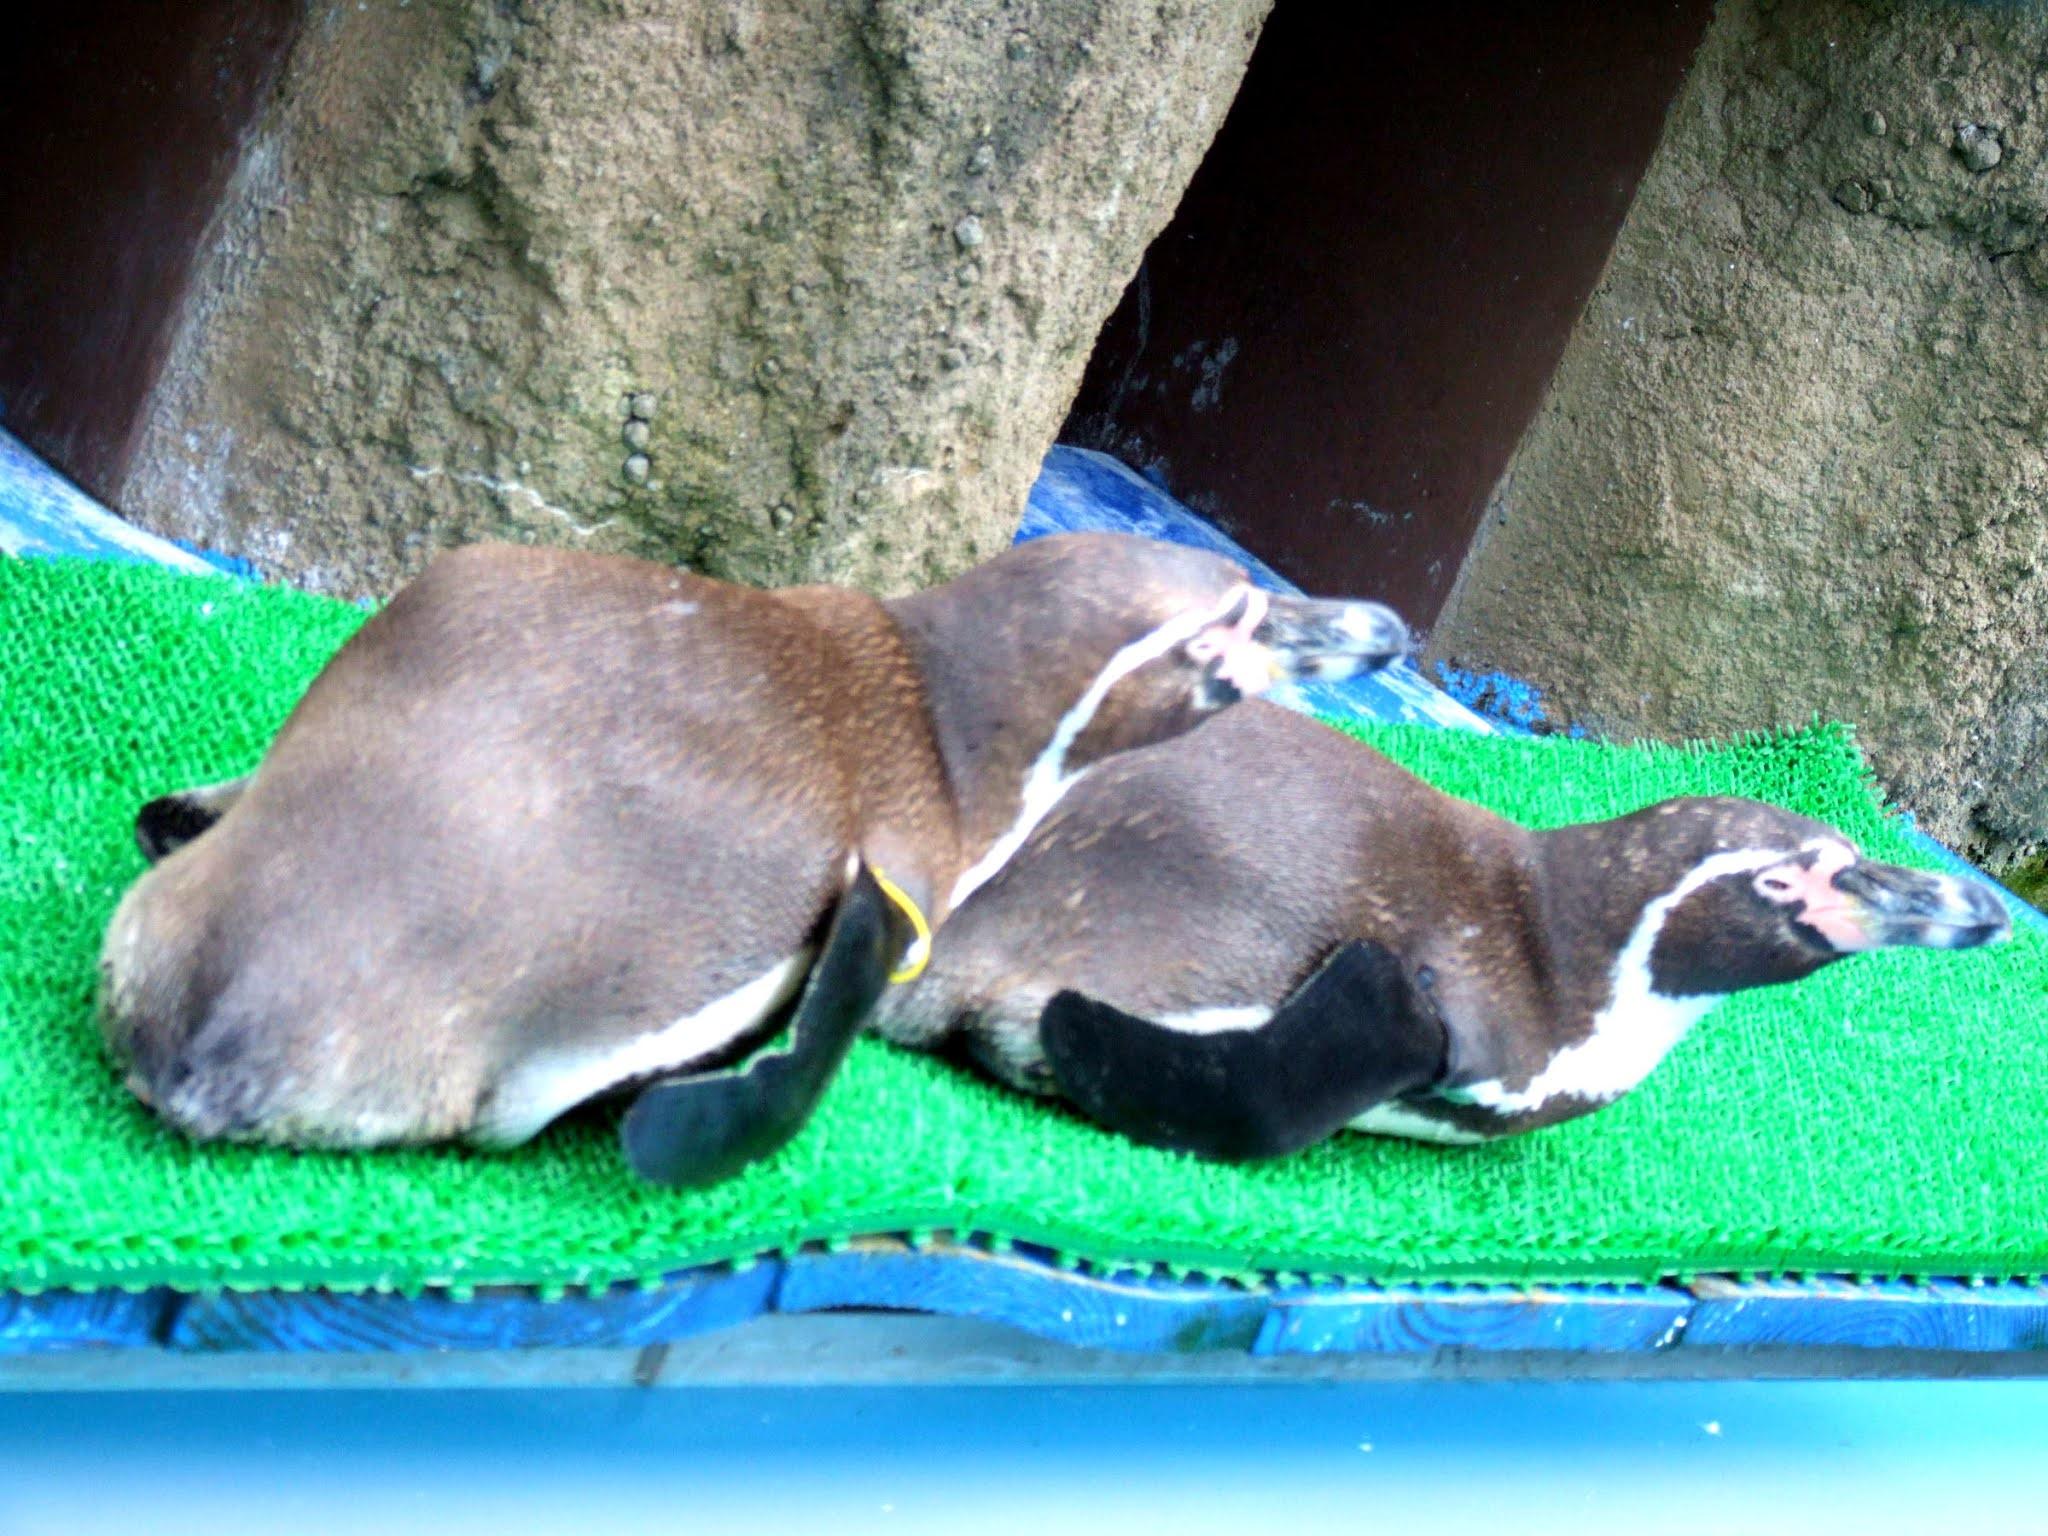 二匹仲良く折り重なって横たわって日向ぼっこしてくつろいでいる、可愛いペンギンさんの写真素材です。